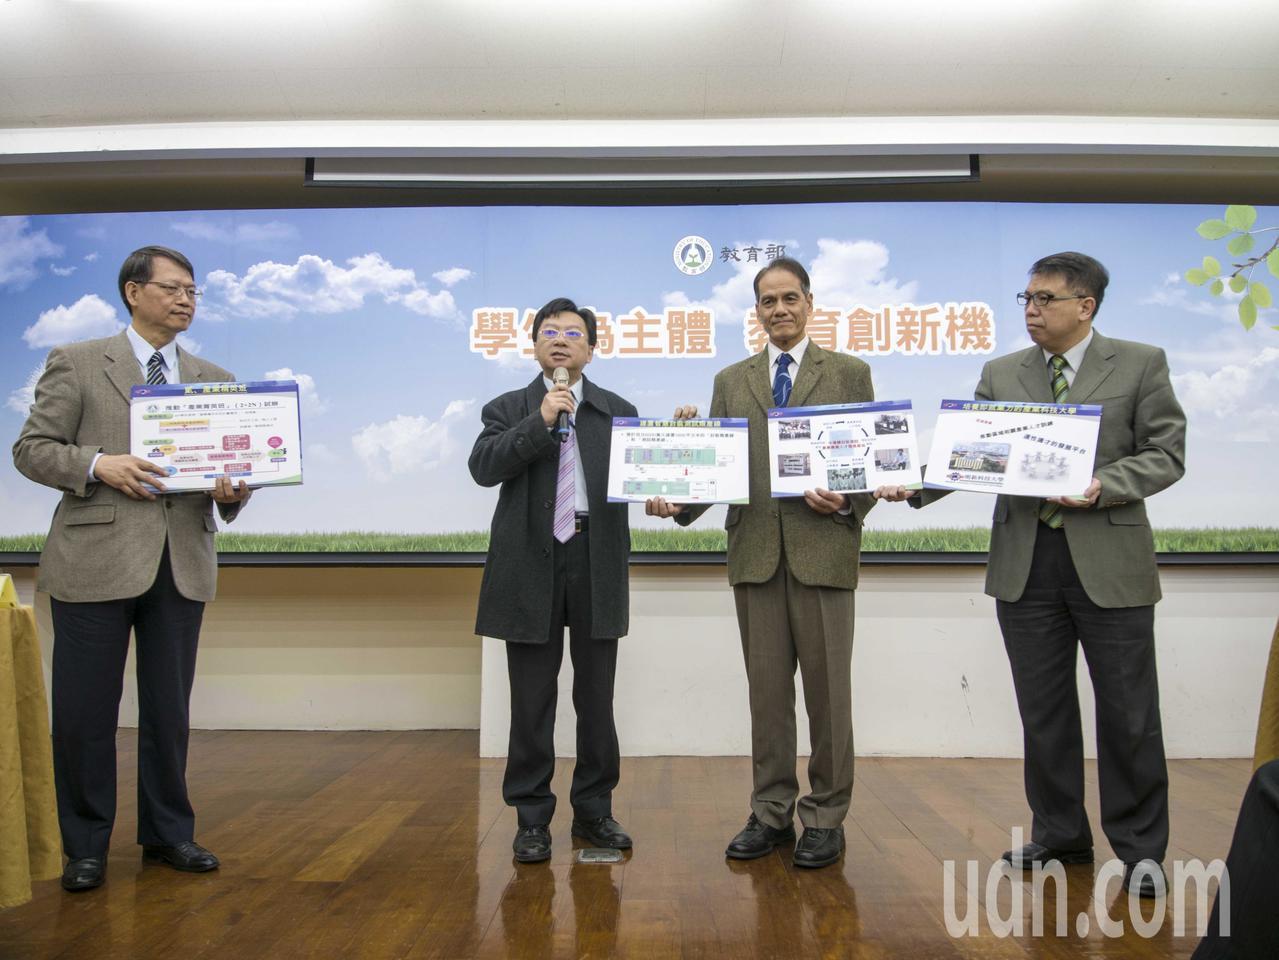 明新科技大學推動2+2N模式。記者林良齊/攝影